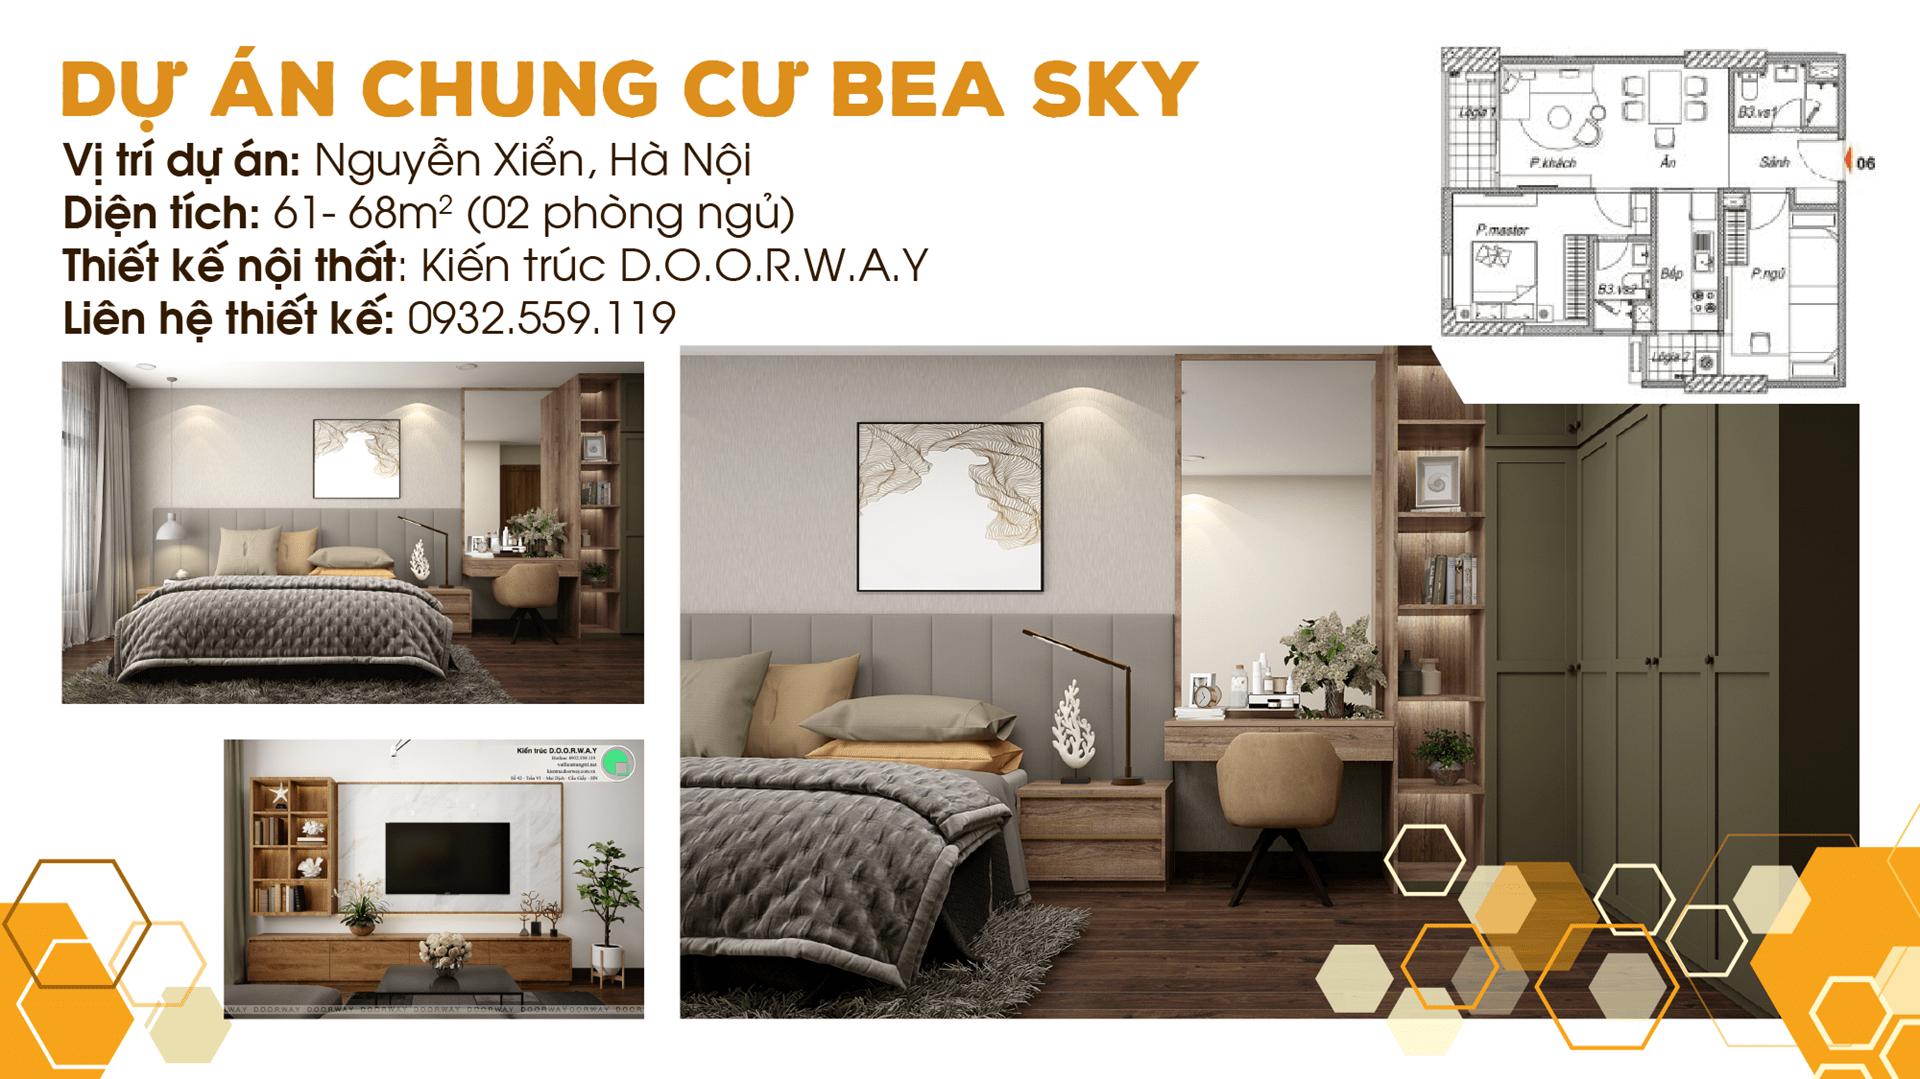 Thiết kế nội thất chung cư Bea Sky Nguyễn Xiển - căn hộ 2 phòng ngủ by kiến trúc Doorway, ảnh tiêu biểu